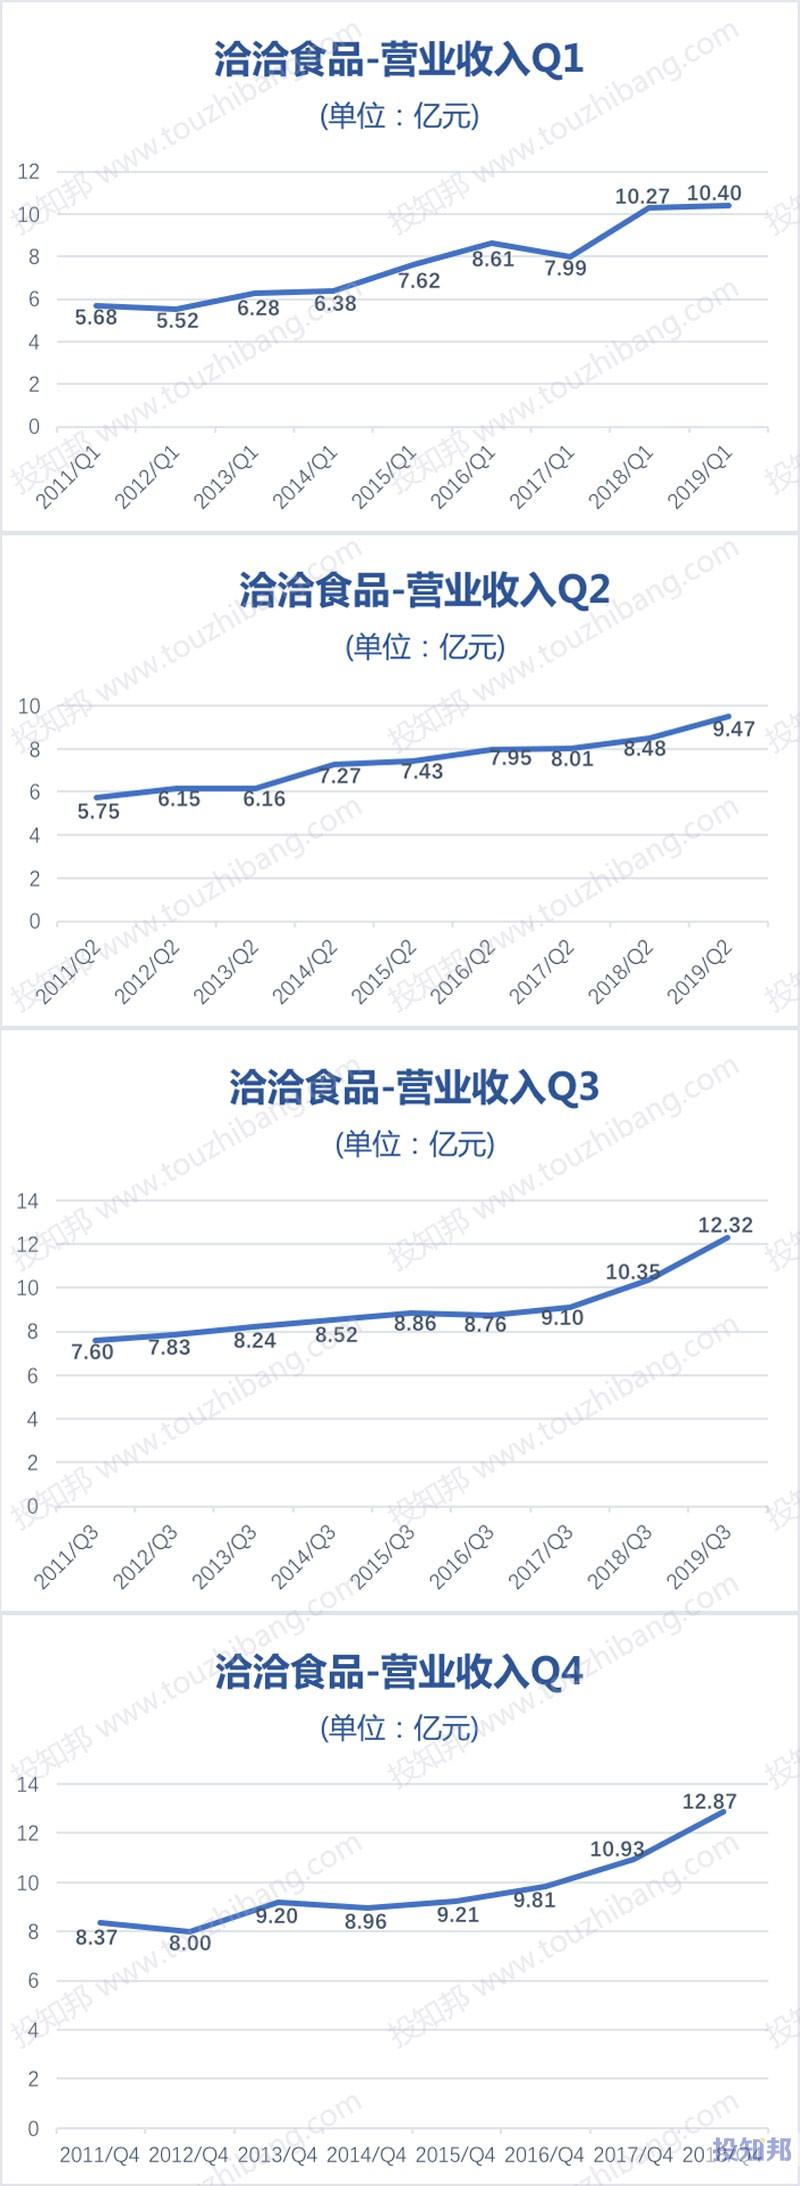 图解洽洽食品(002557)财报数据(2011年~2019年Q3)